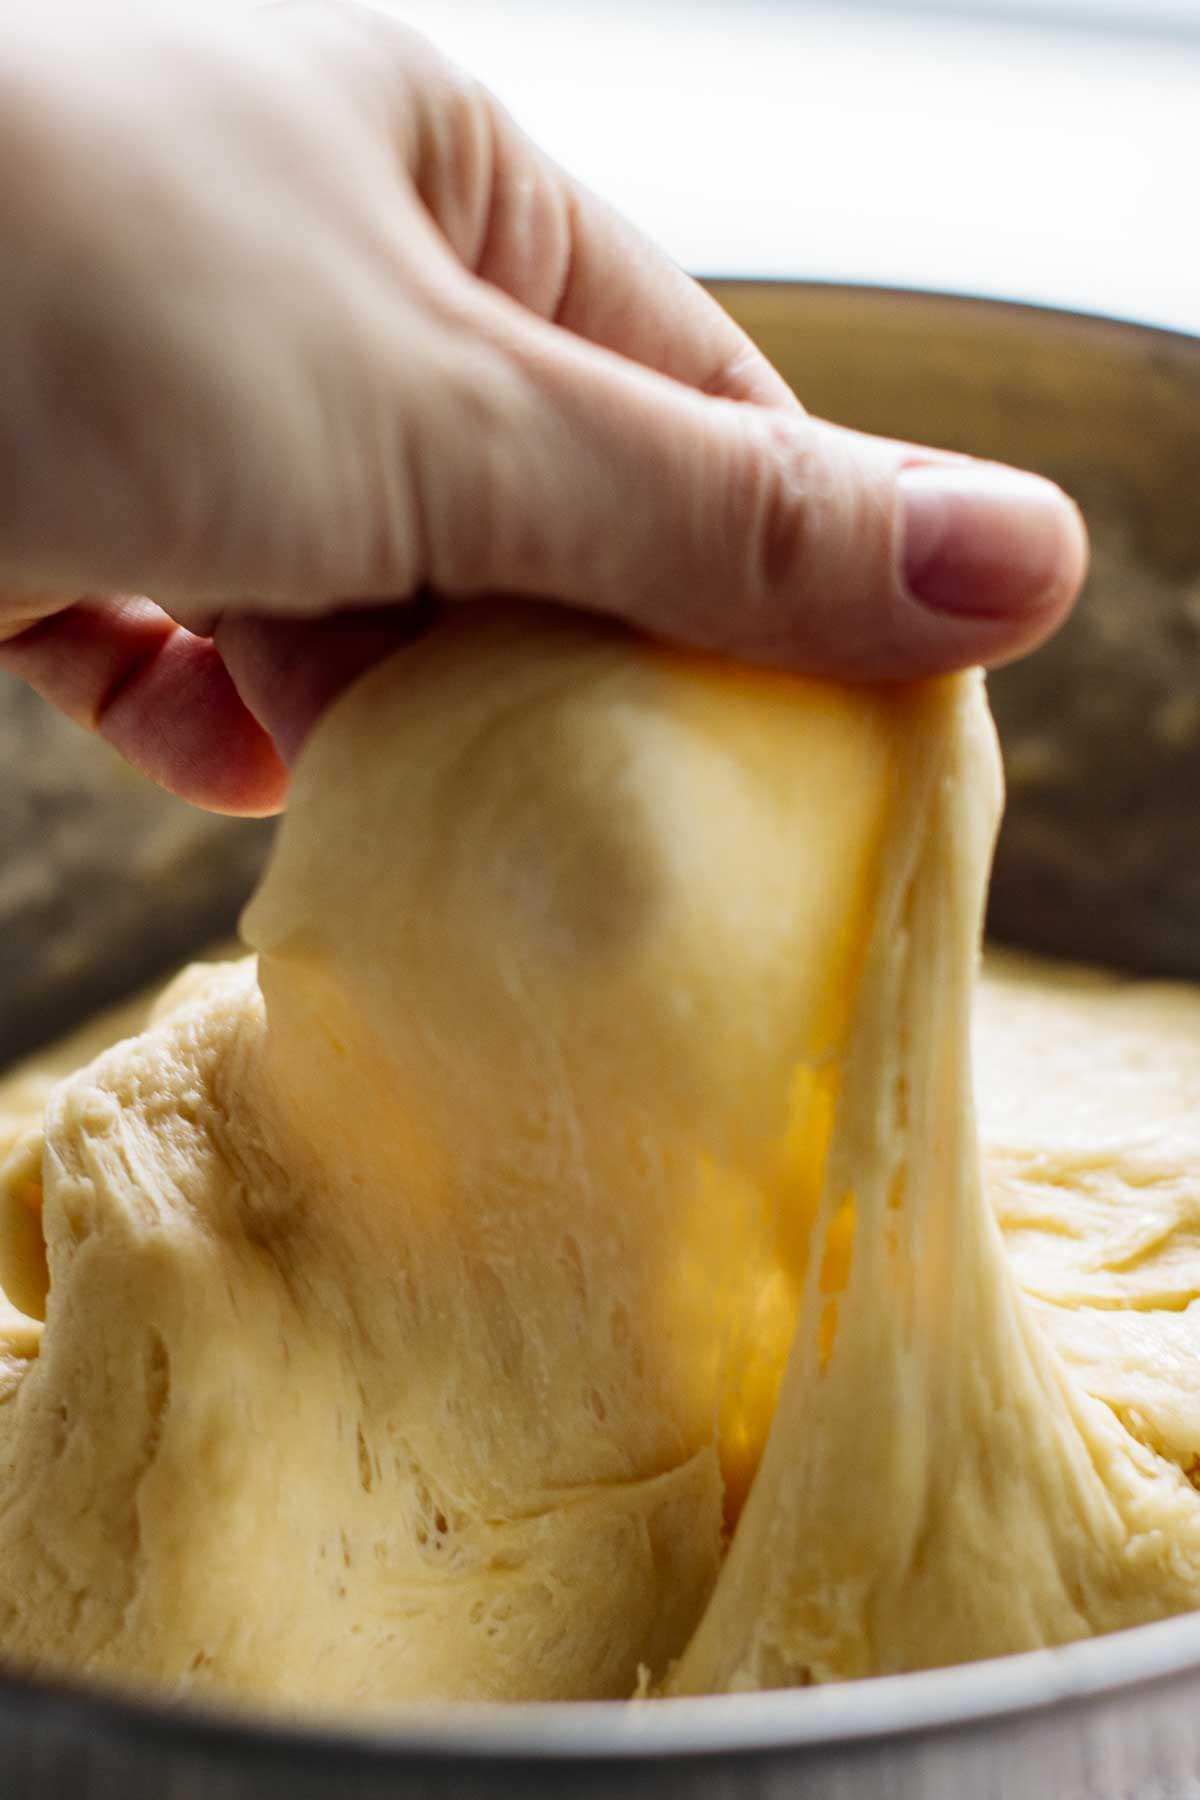 Good windowpane in dough.